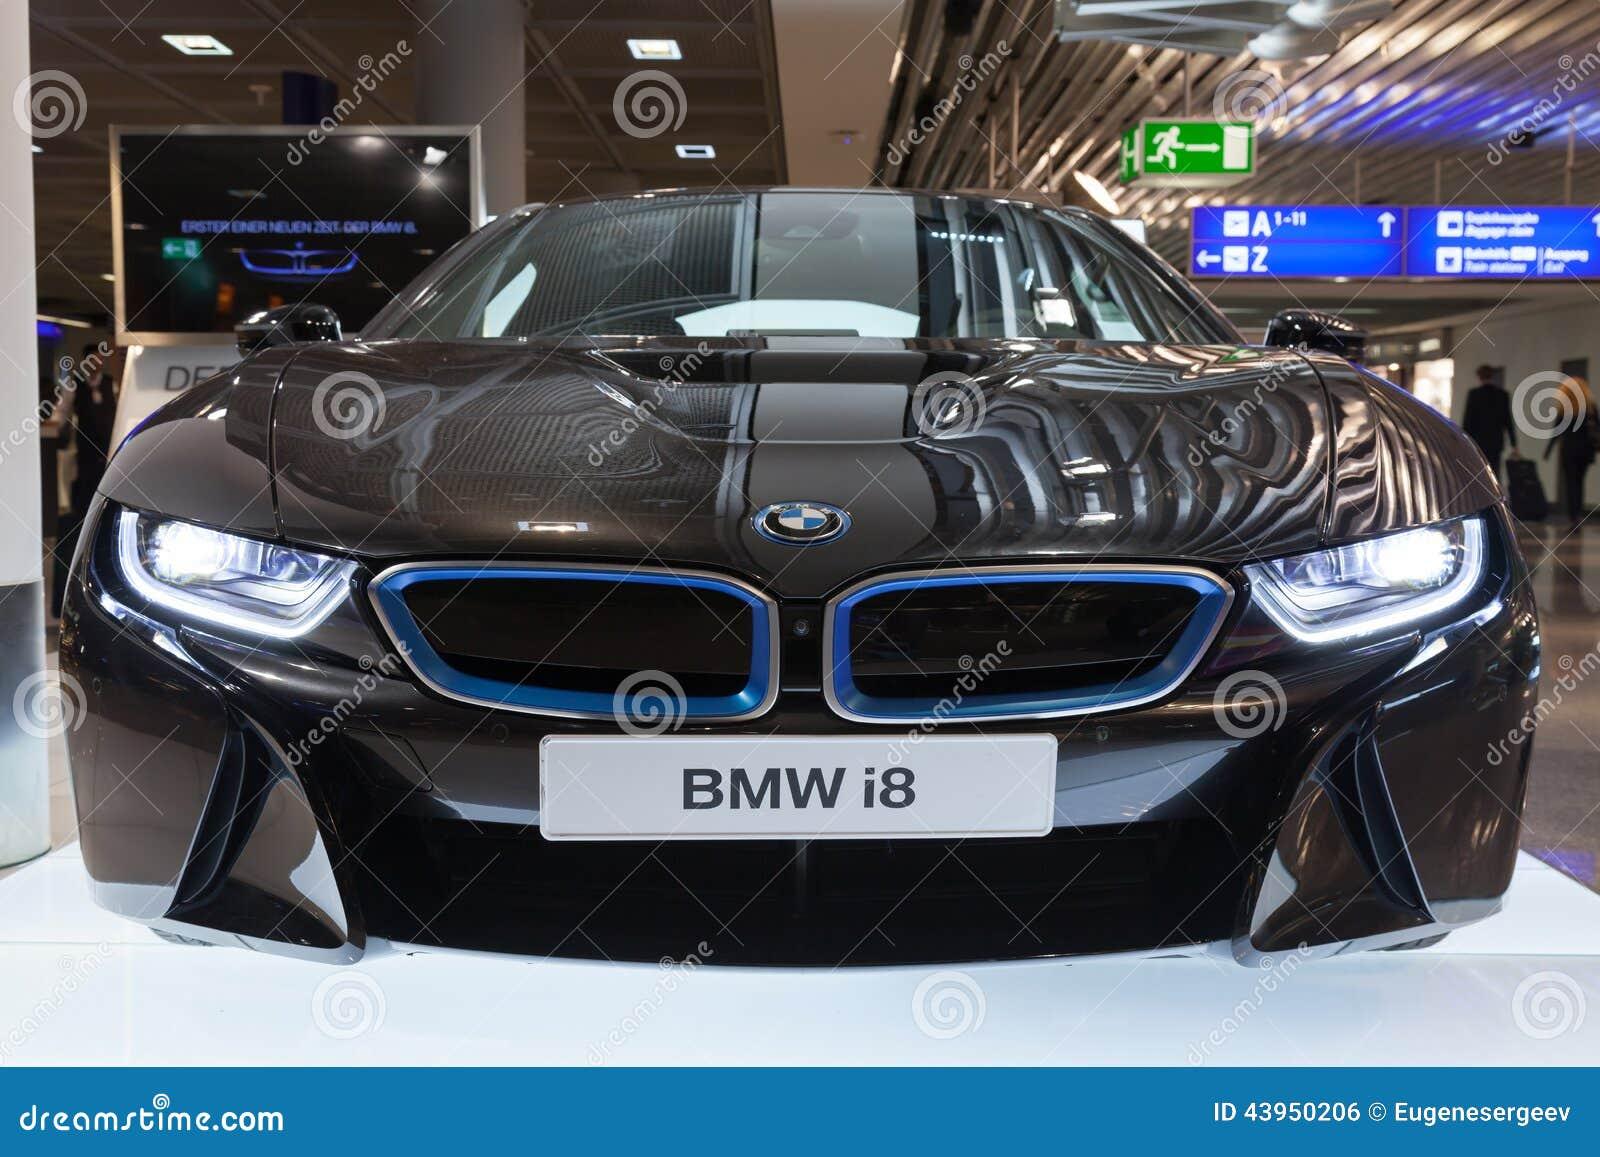 Foto Van De Zwarte Bmw Auto Van De Reeksi8 Innovatie Redactionele